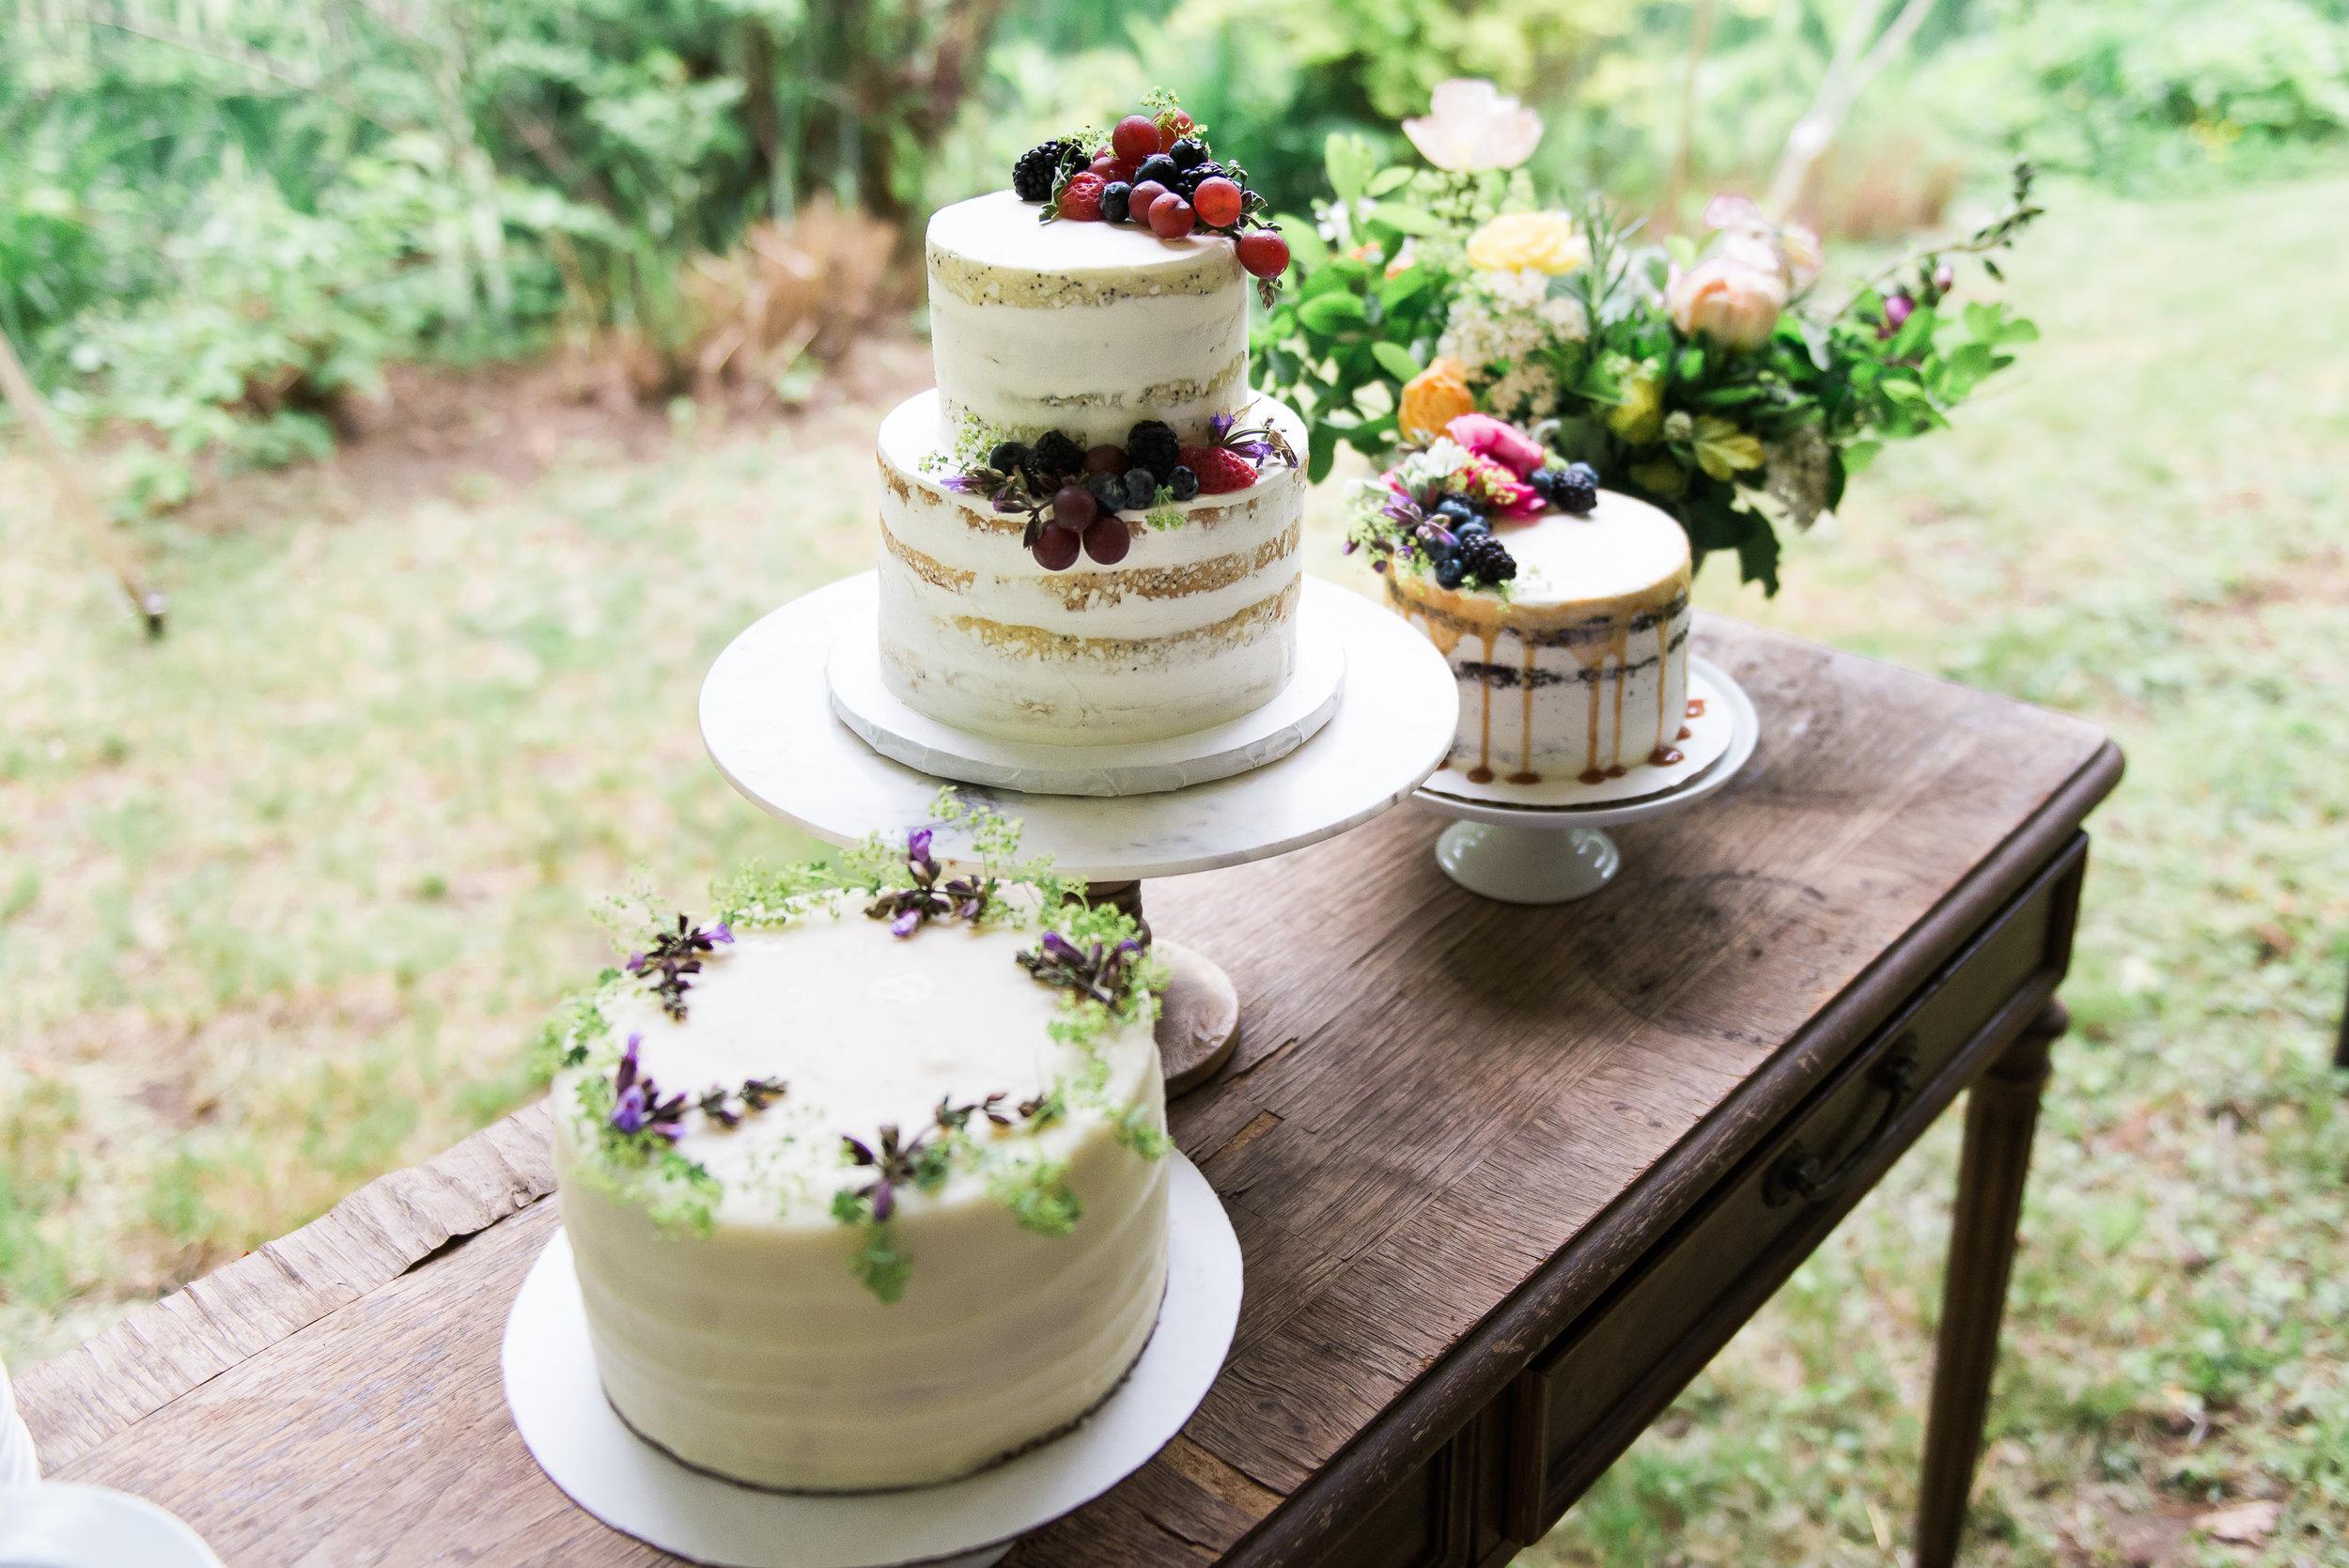 zahira cake 2.jpg